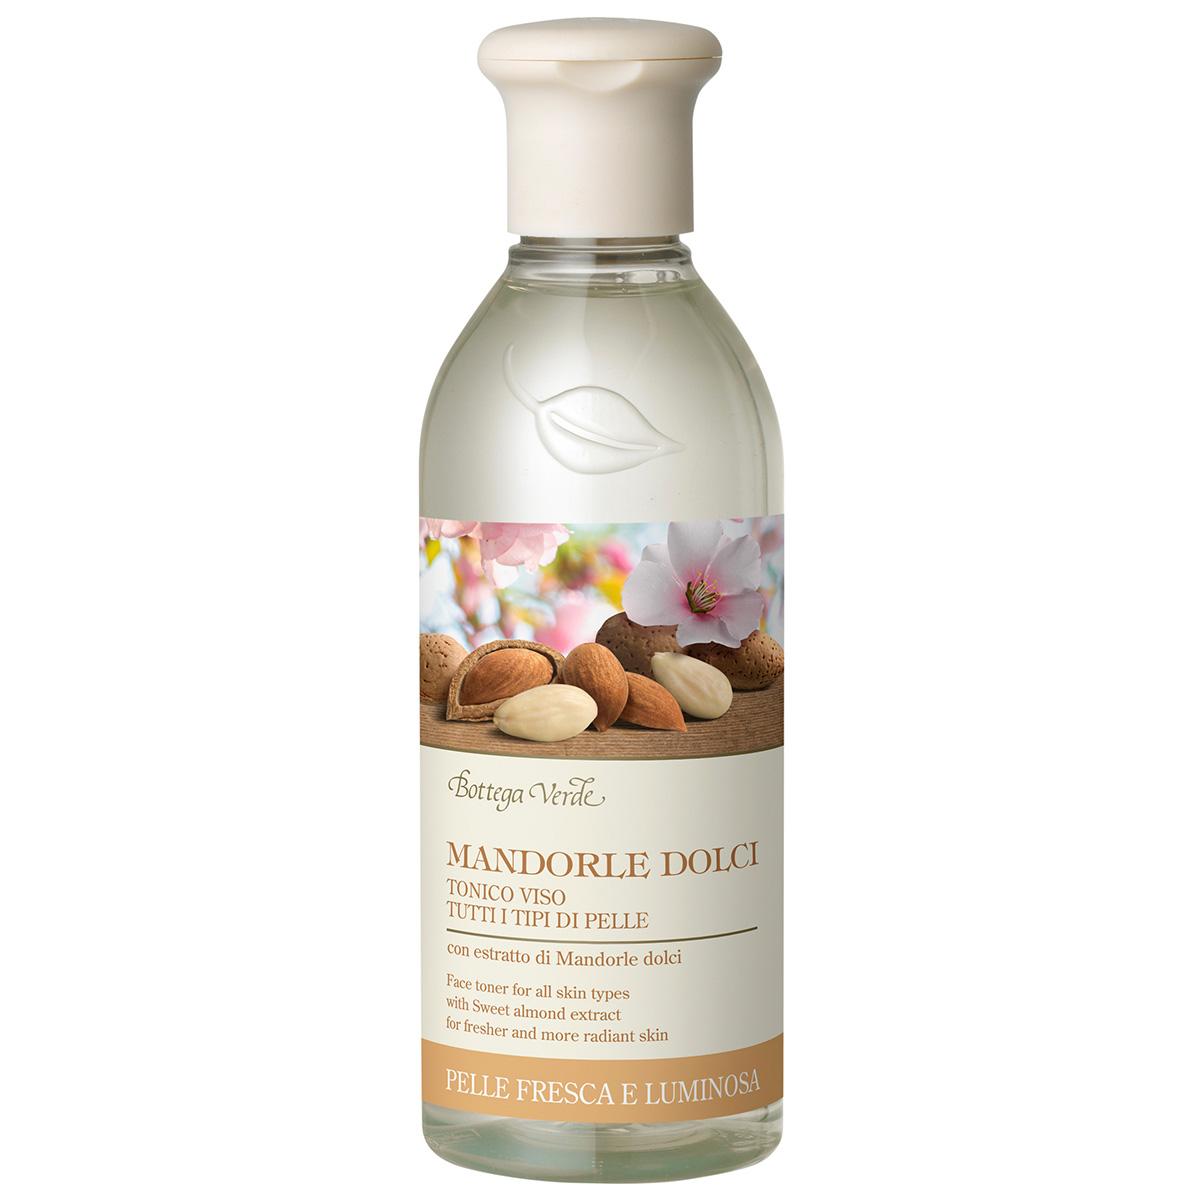 Migdale dulci - Tonic pentru toate tipurile de piele-piele mai proaspata si mai luminoasa, cu extract de migdale dulci